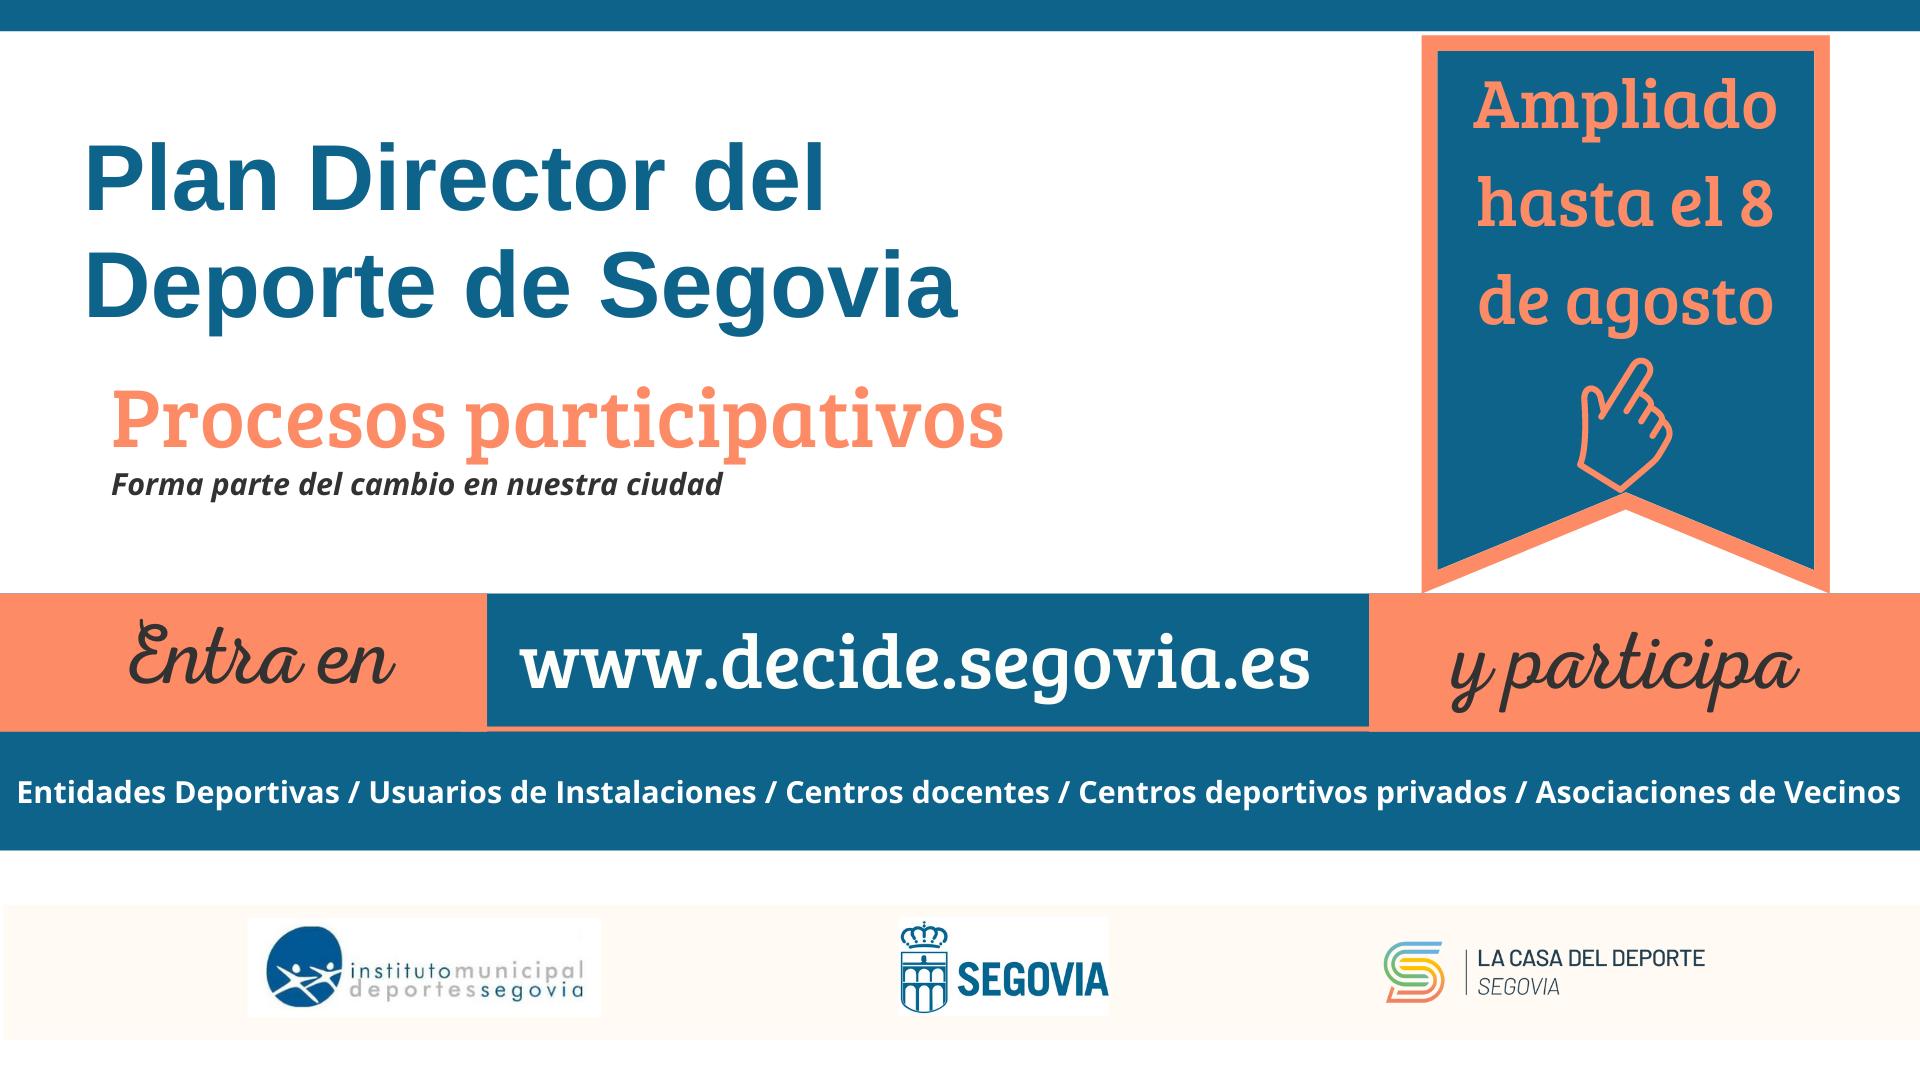 El proceso participativo para la elaboración del Plan Director del Deporte 2022-2030 prolonga su duración hasta el 8 de agosto